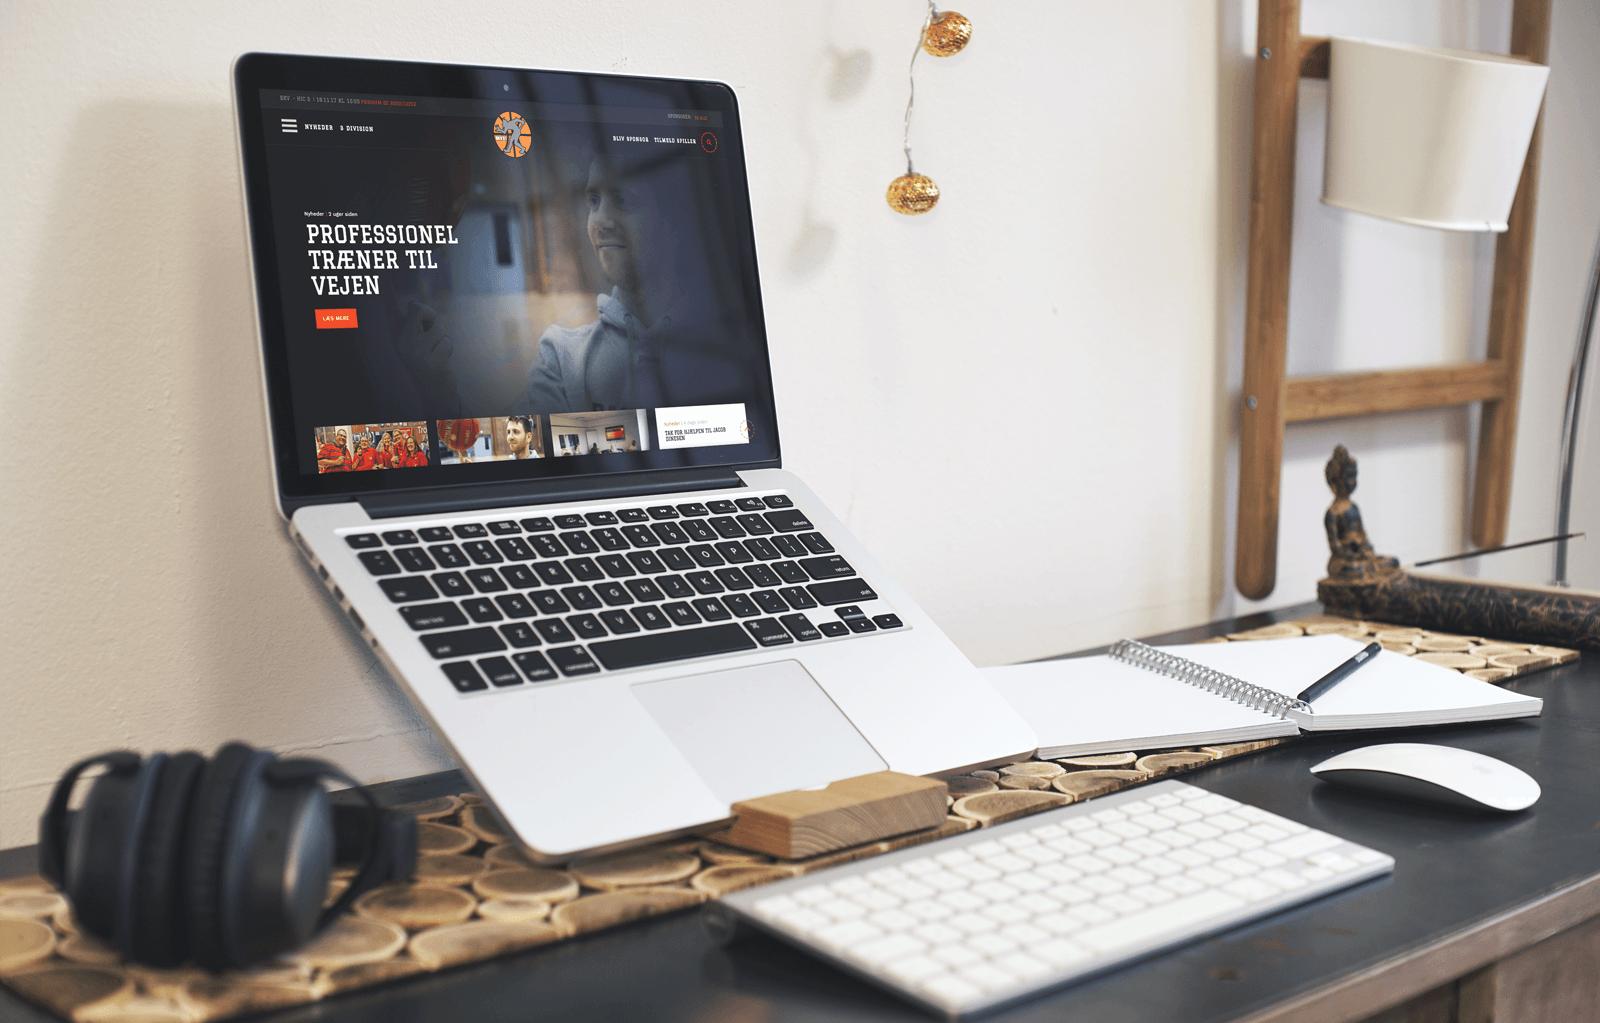 vejen-basket-dk lennartc-webdesign